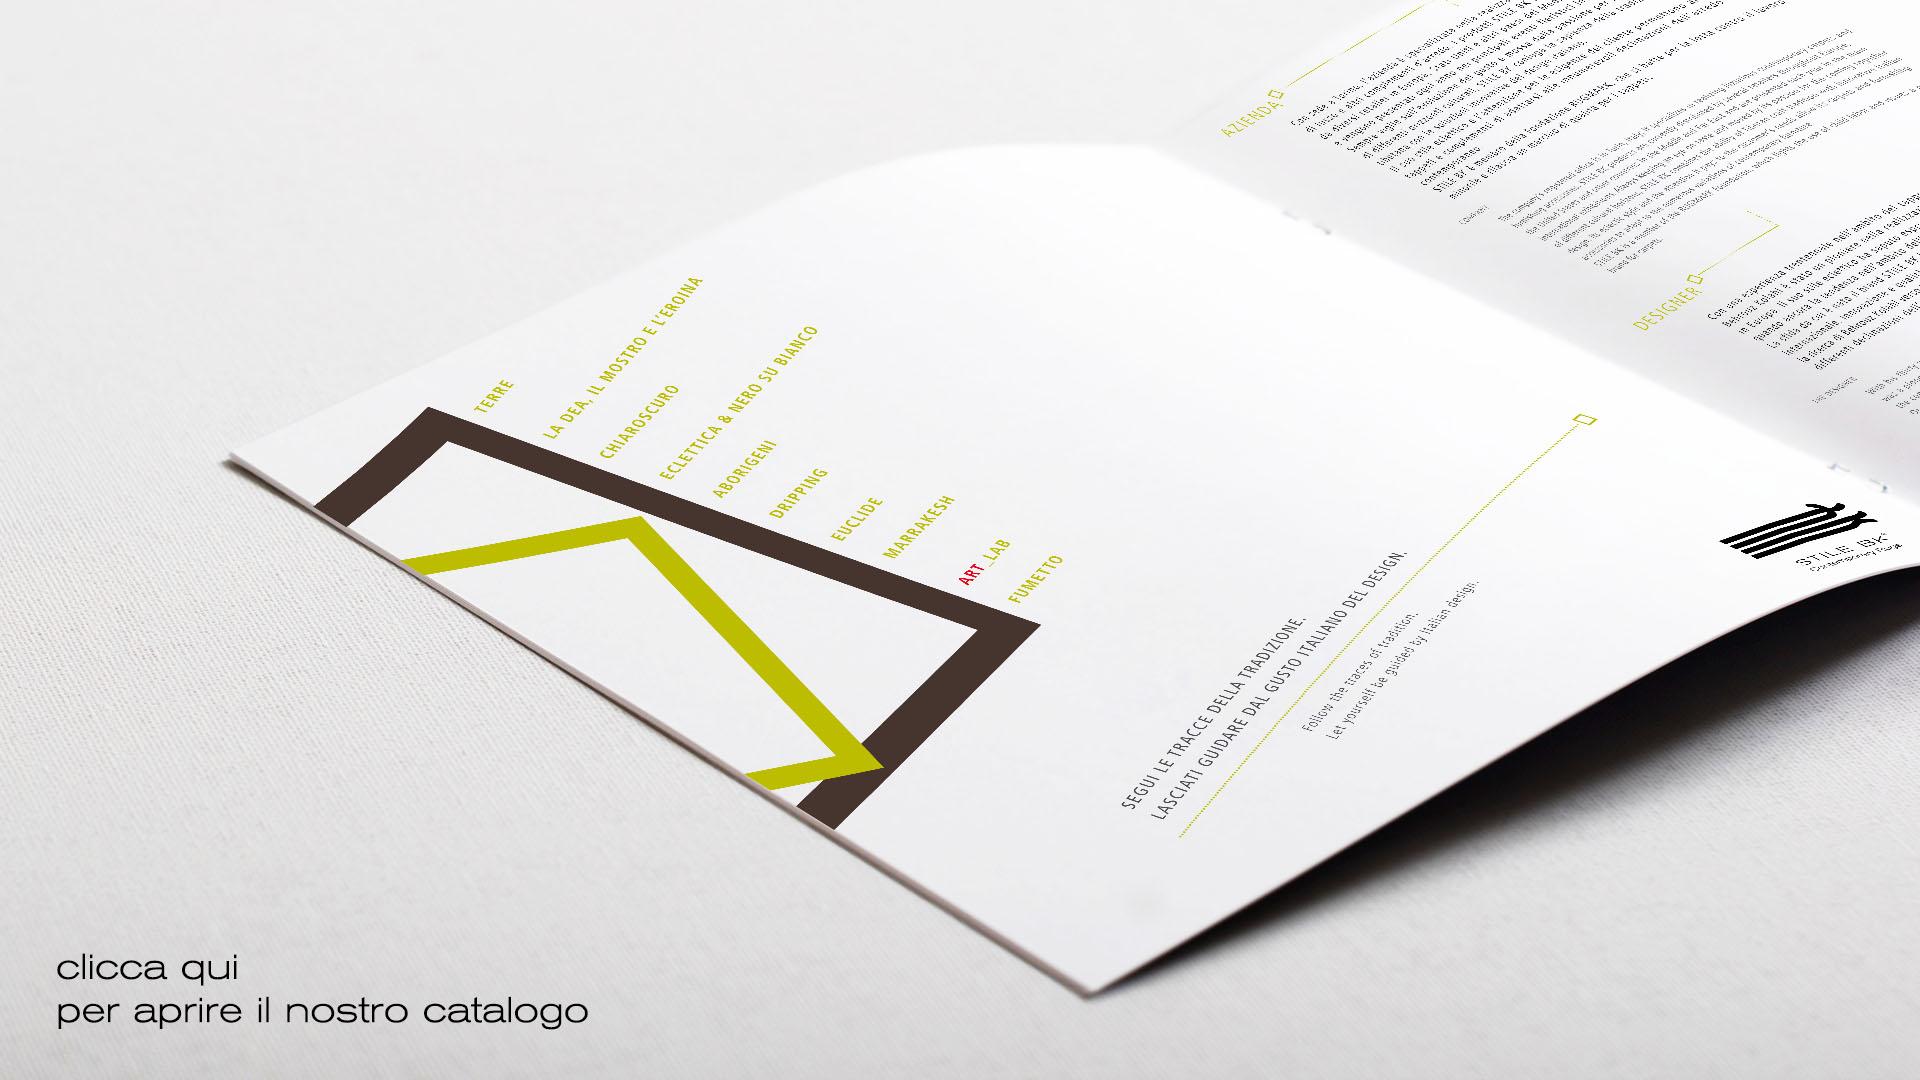 apri il nostro catalogo